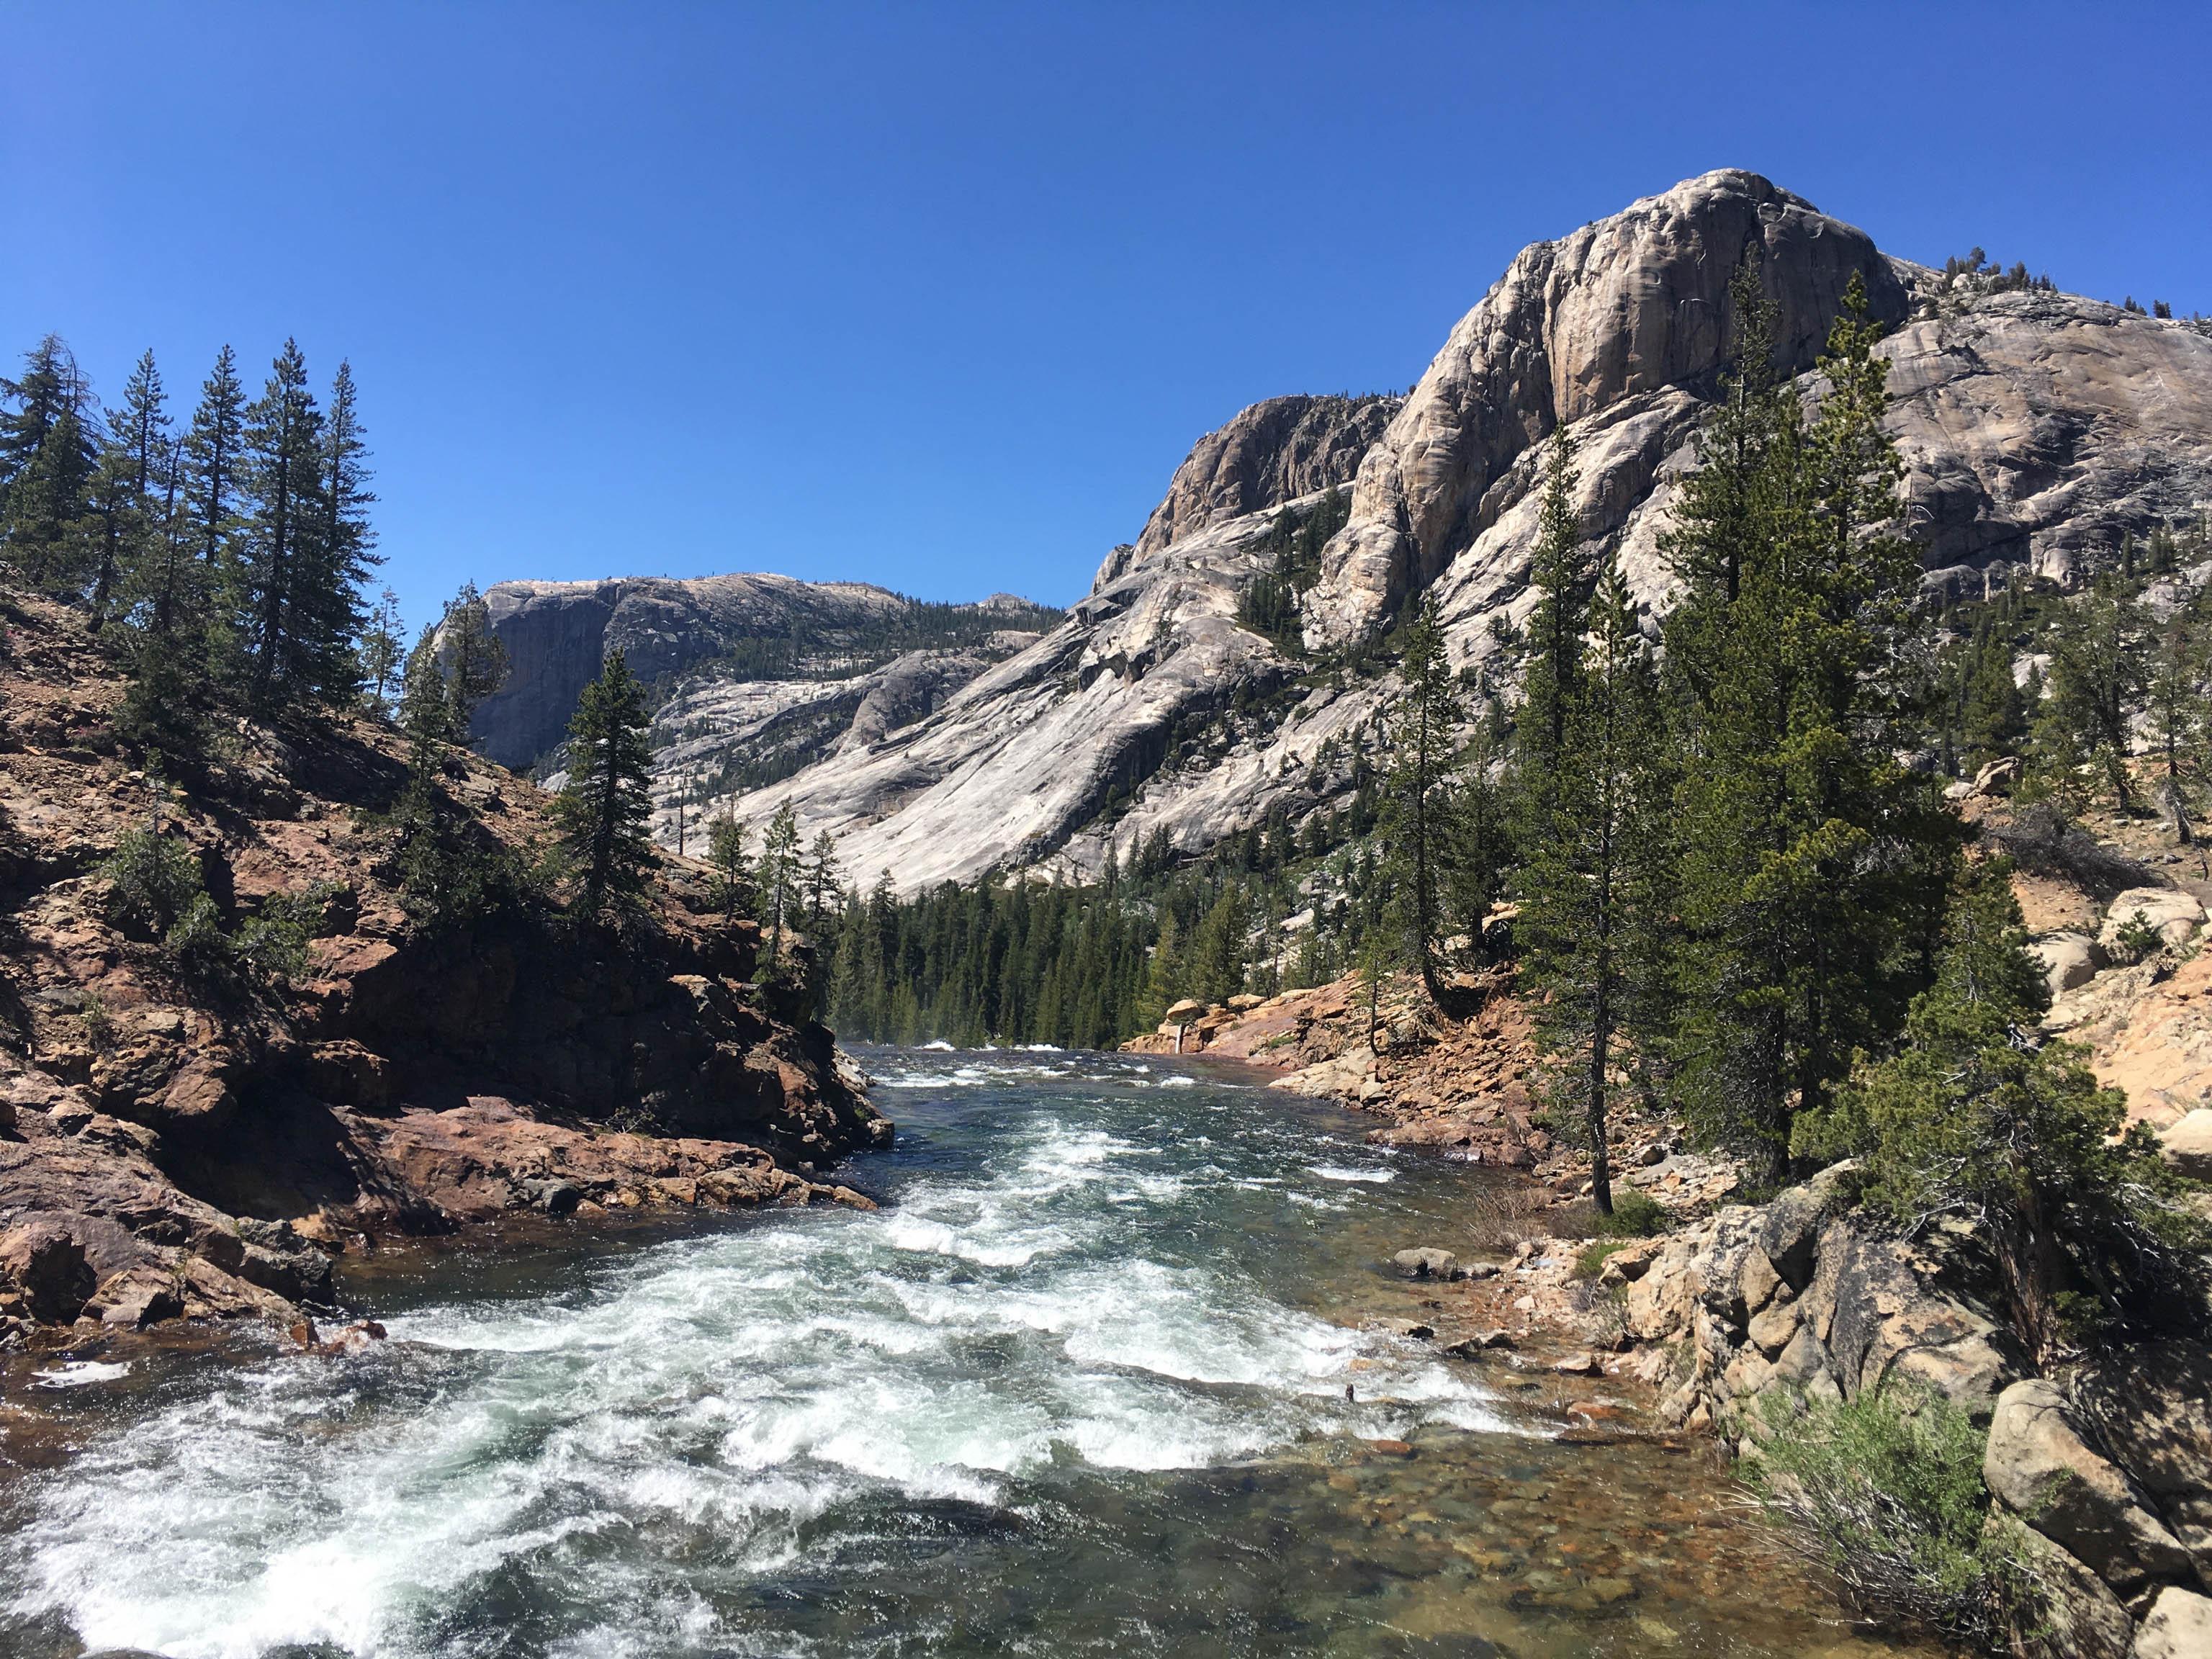 Der Tuolumne River